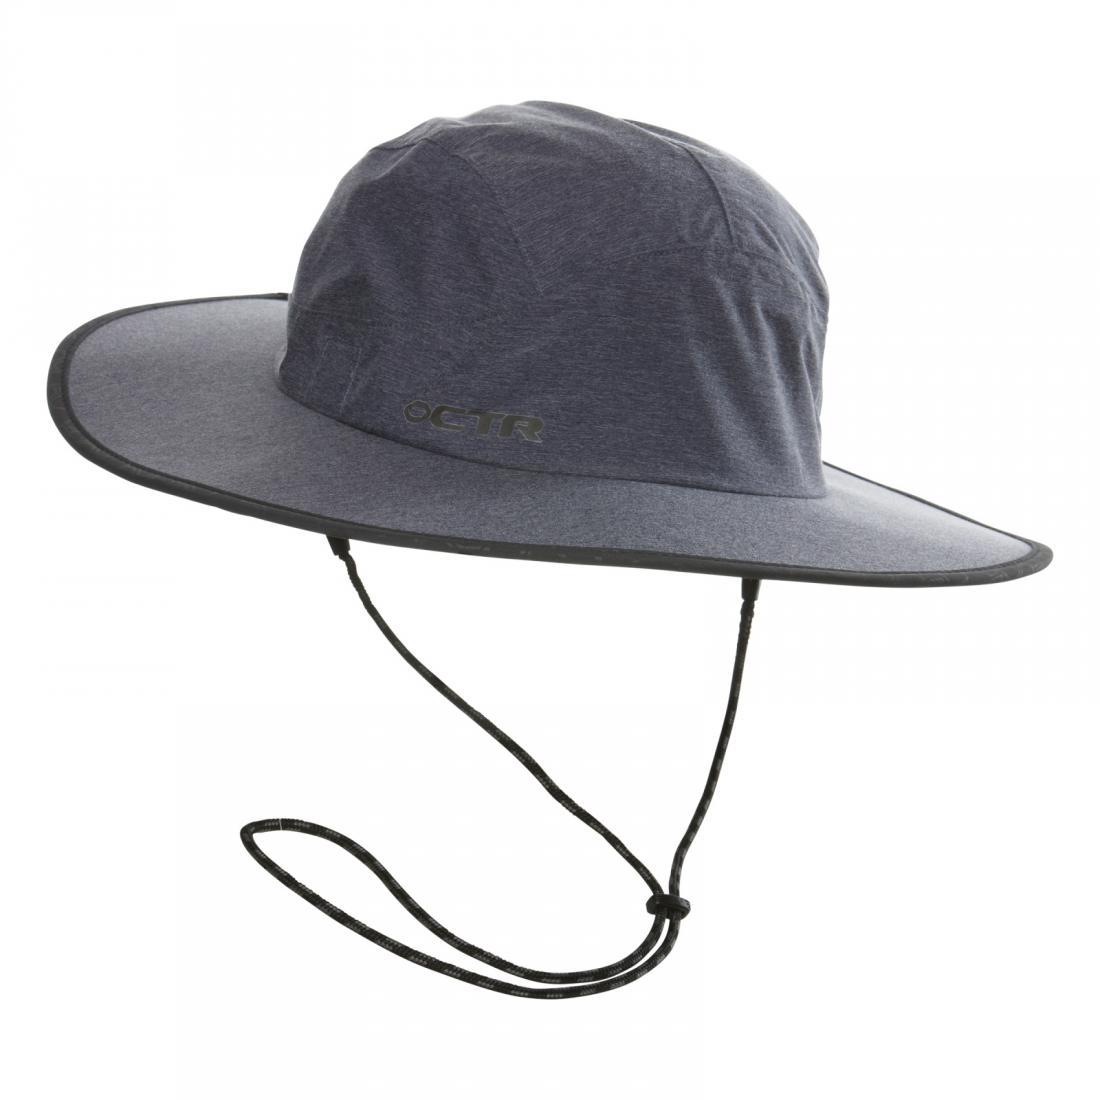 Панама Chaos  Stratus Magneto Rain HatПанамы<br><br> Стильная панама Stratus Magneto Rain Hat от Chaos — универсальный и практичный вариант для любой погоды. Она защитит вас не только от ярких солнечных лучей, но и от дождя. Эта модель выполнена из мягкой и прочной ткани, устойчивой к износу и выцвет...<br><br>Цвет: Темно-серый<br>Размер: L-XL